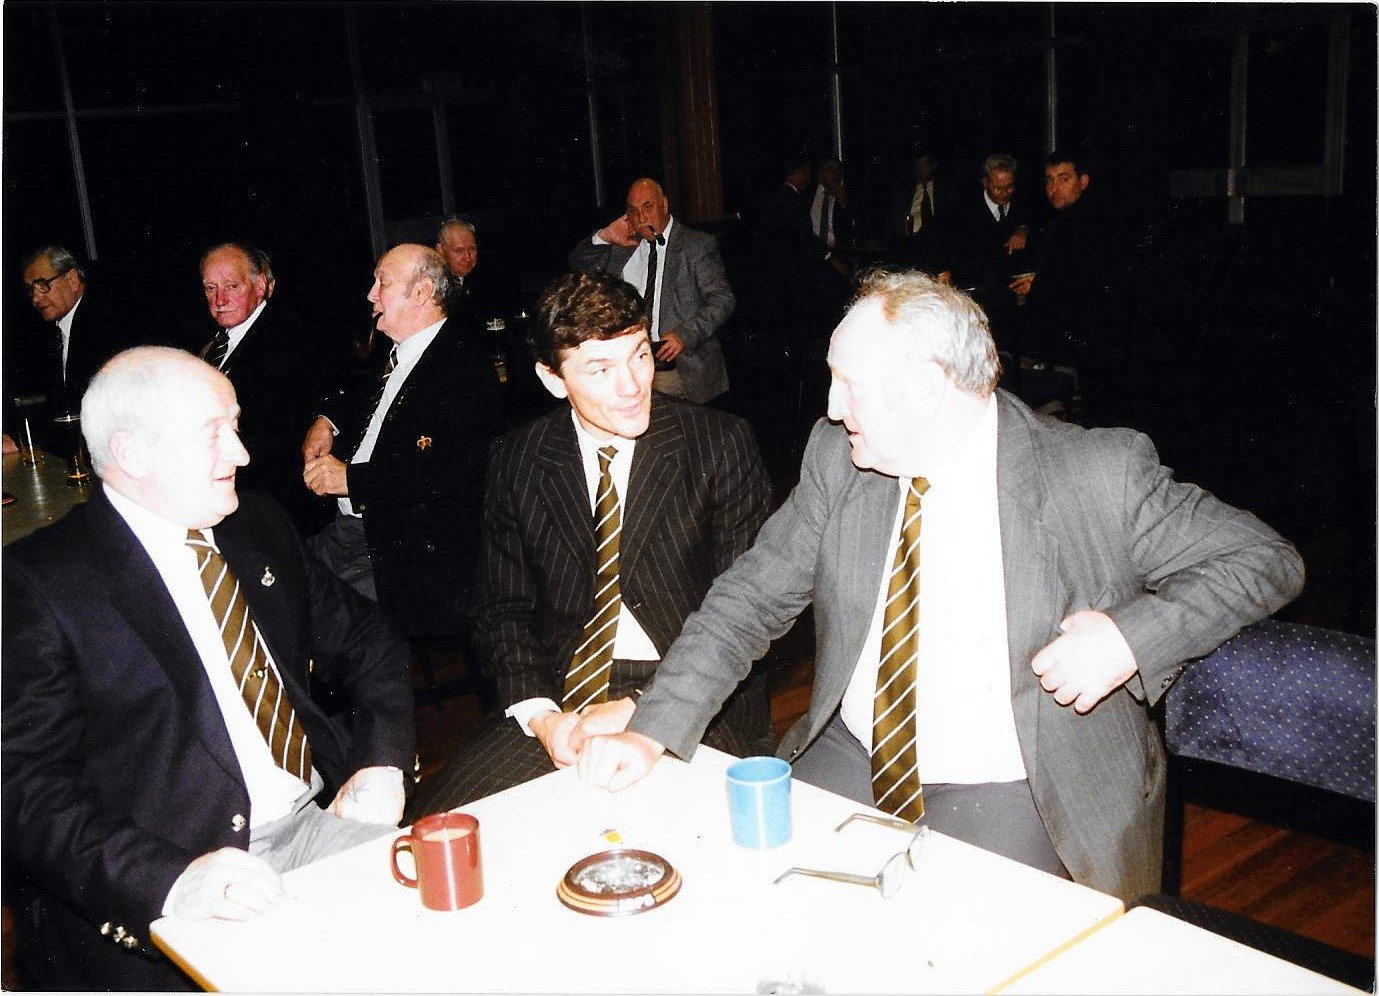 07 - 7 pl old boys Jo  Whittaker CM Dennis Hurst York 2006